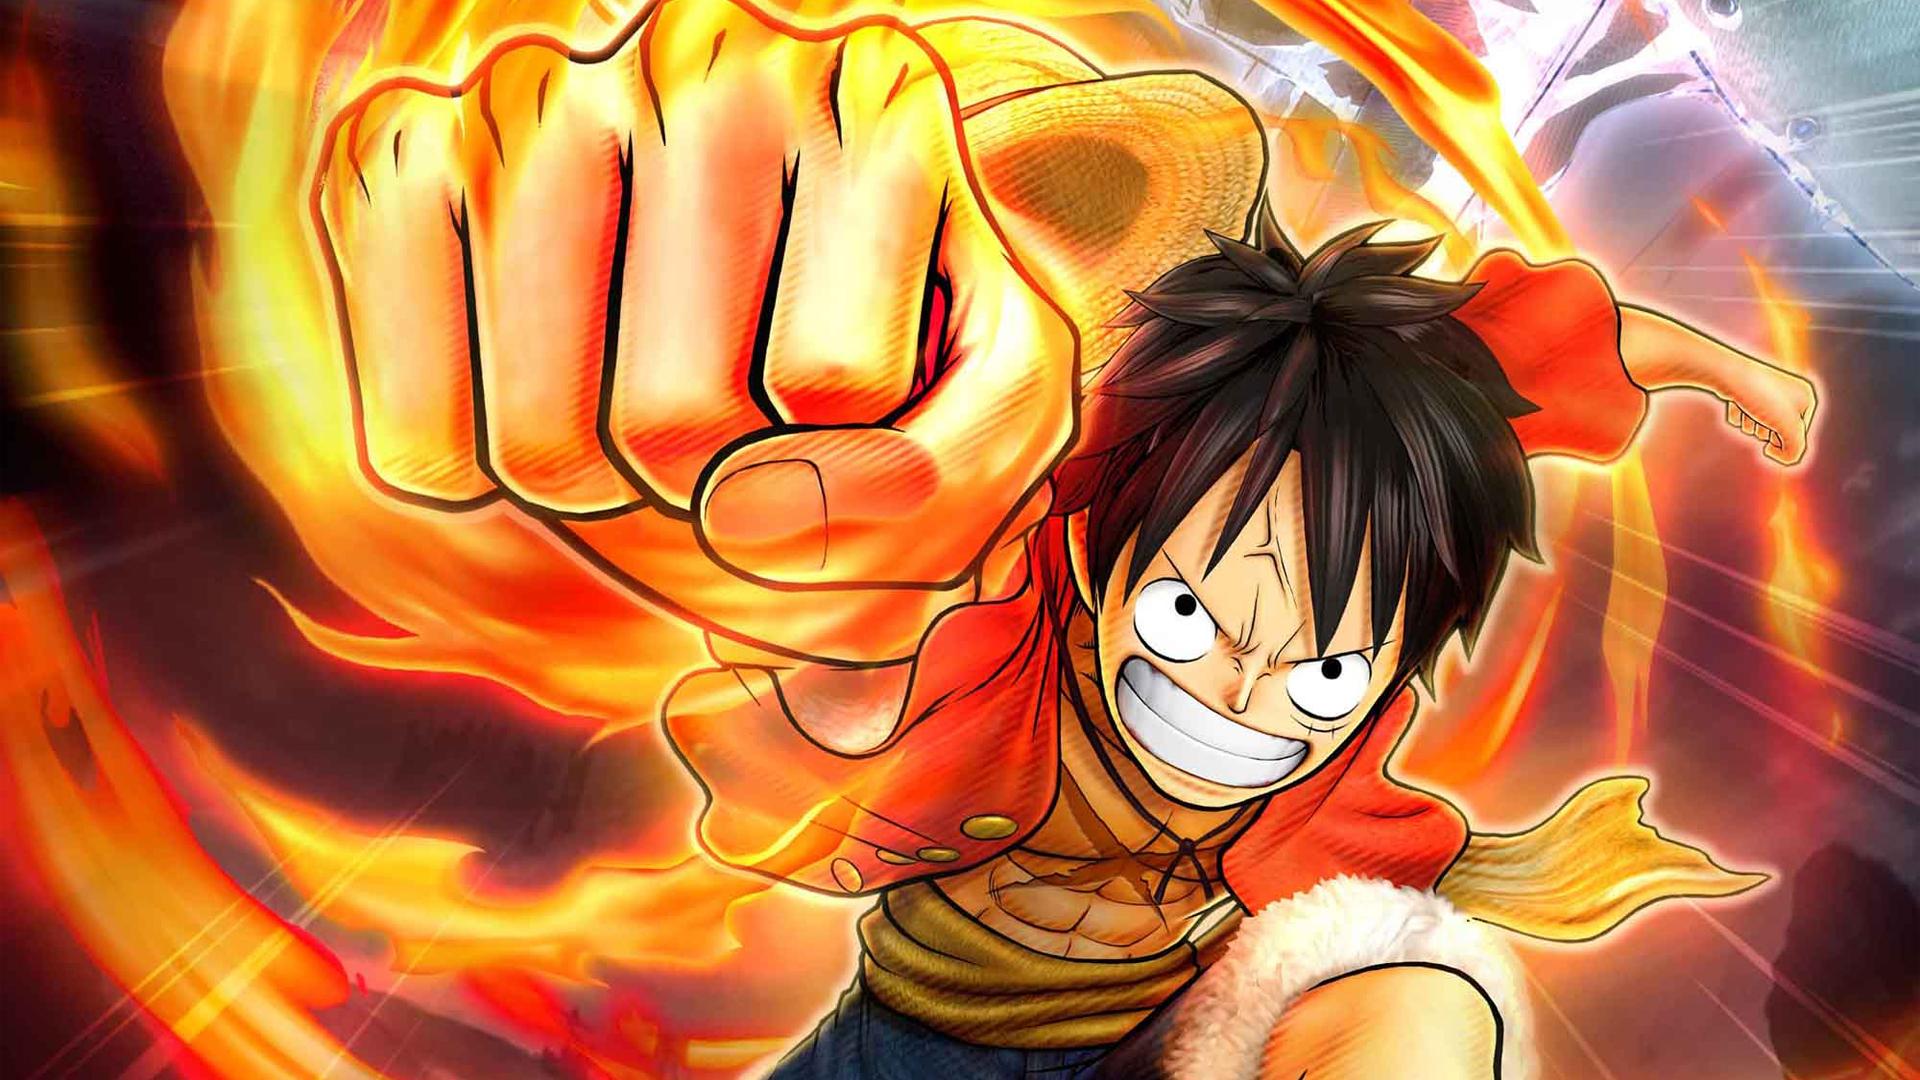 Avis Manga Glénat : One Piece Doors - Tome 1 - Lageekroom pour Dessin Animé De One Piece